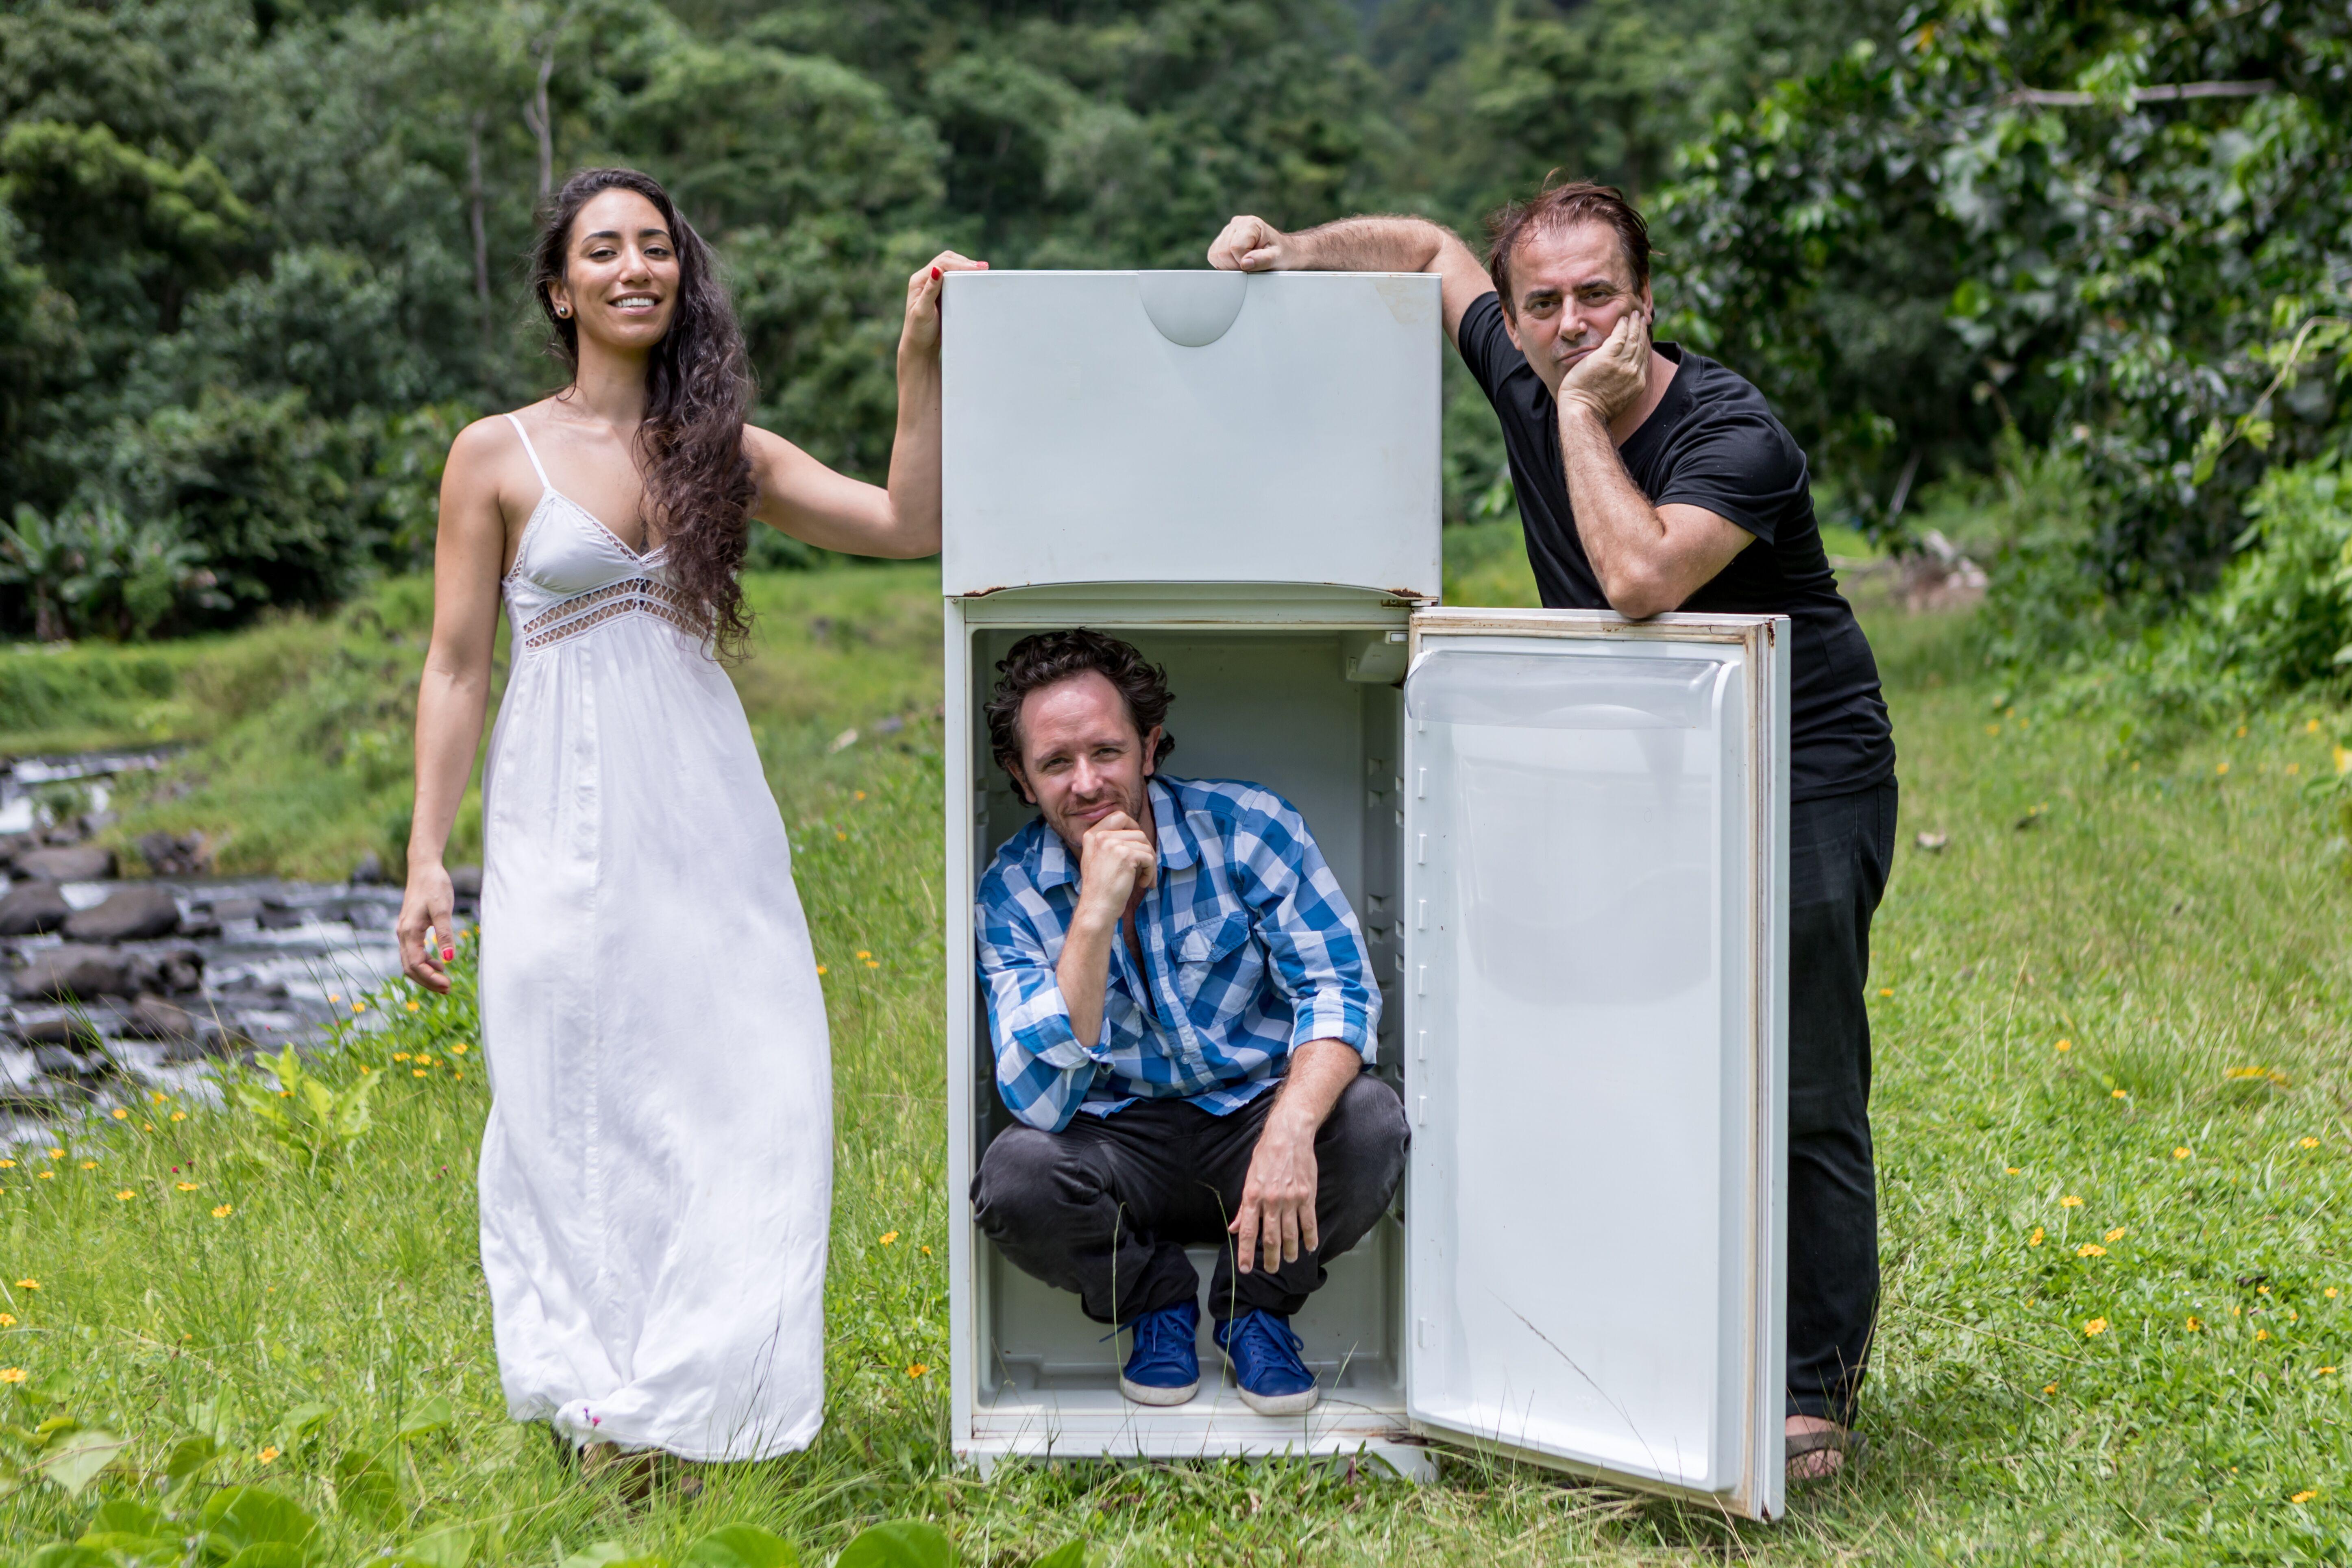 Vaiana Mahinui (actrice, elle a été filmée pour la pièce), Gildas Meilleray auteur et acteur et Yann Paranthoën, metteur en scène.